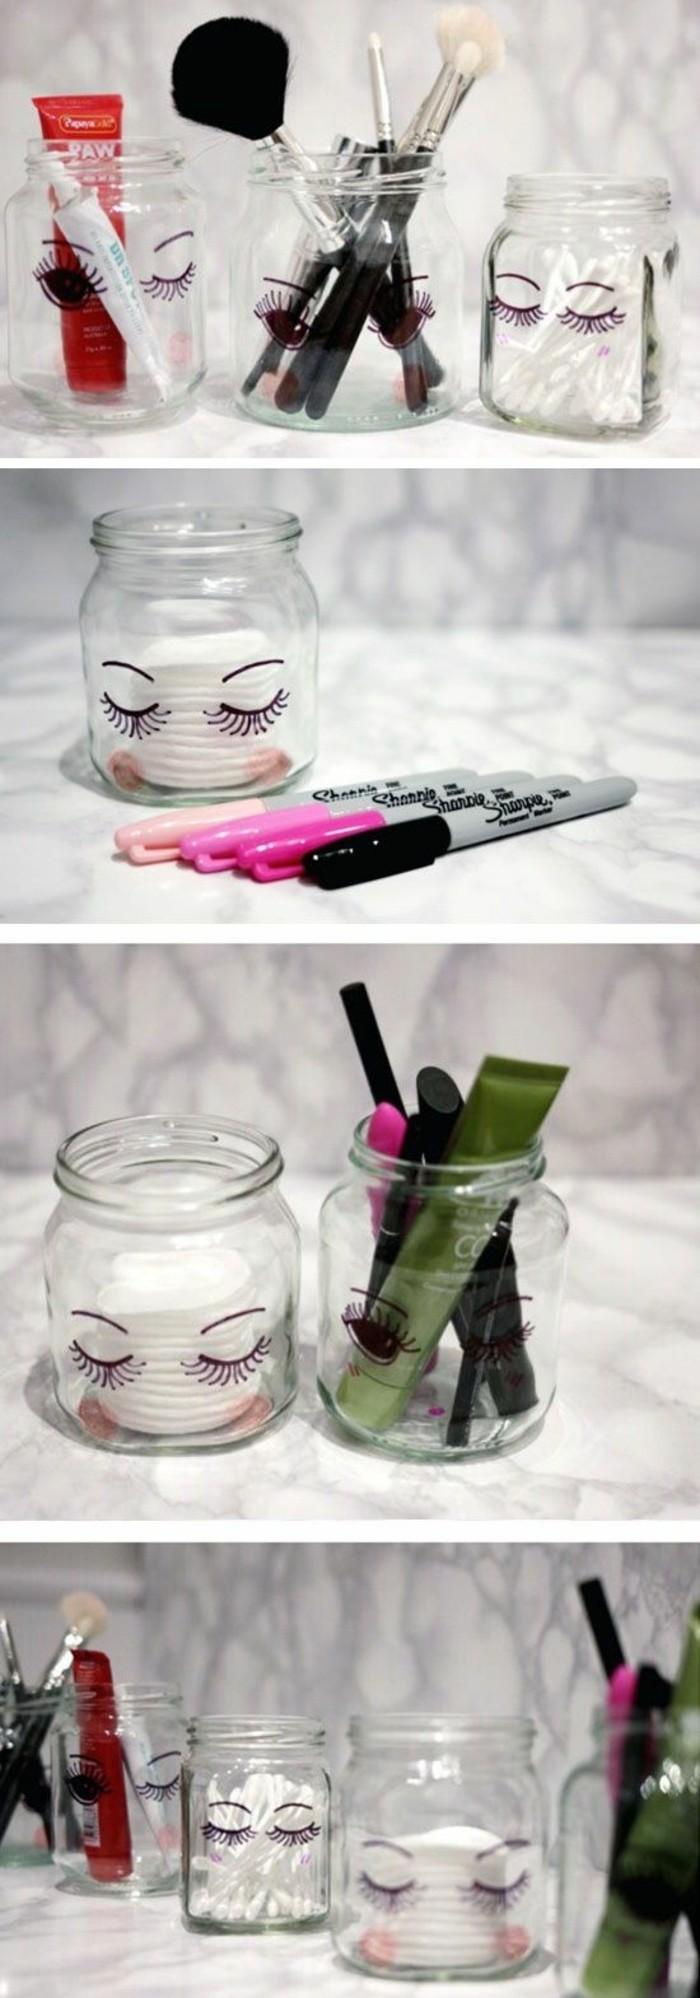 52 id es de rangement make up en photos et vid os - Comment ranger son maquillage ...